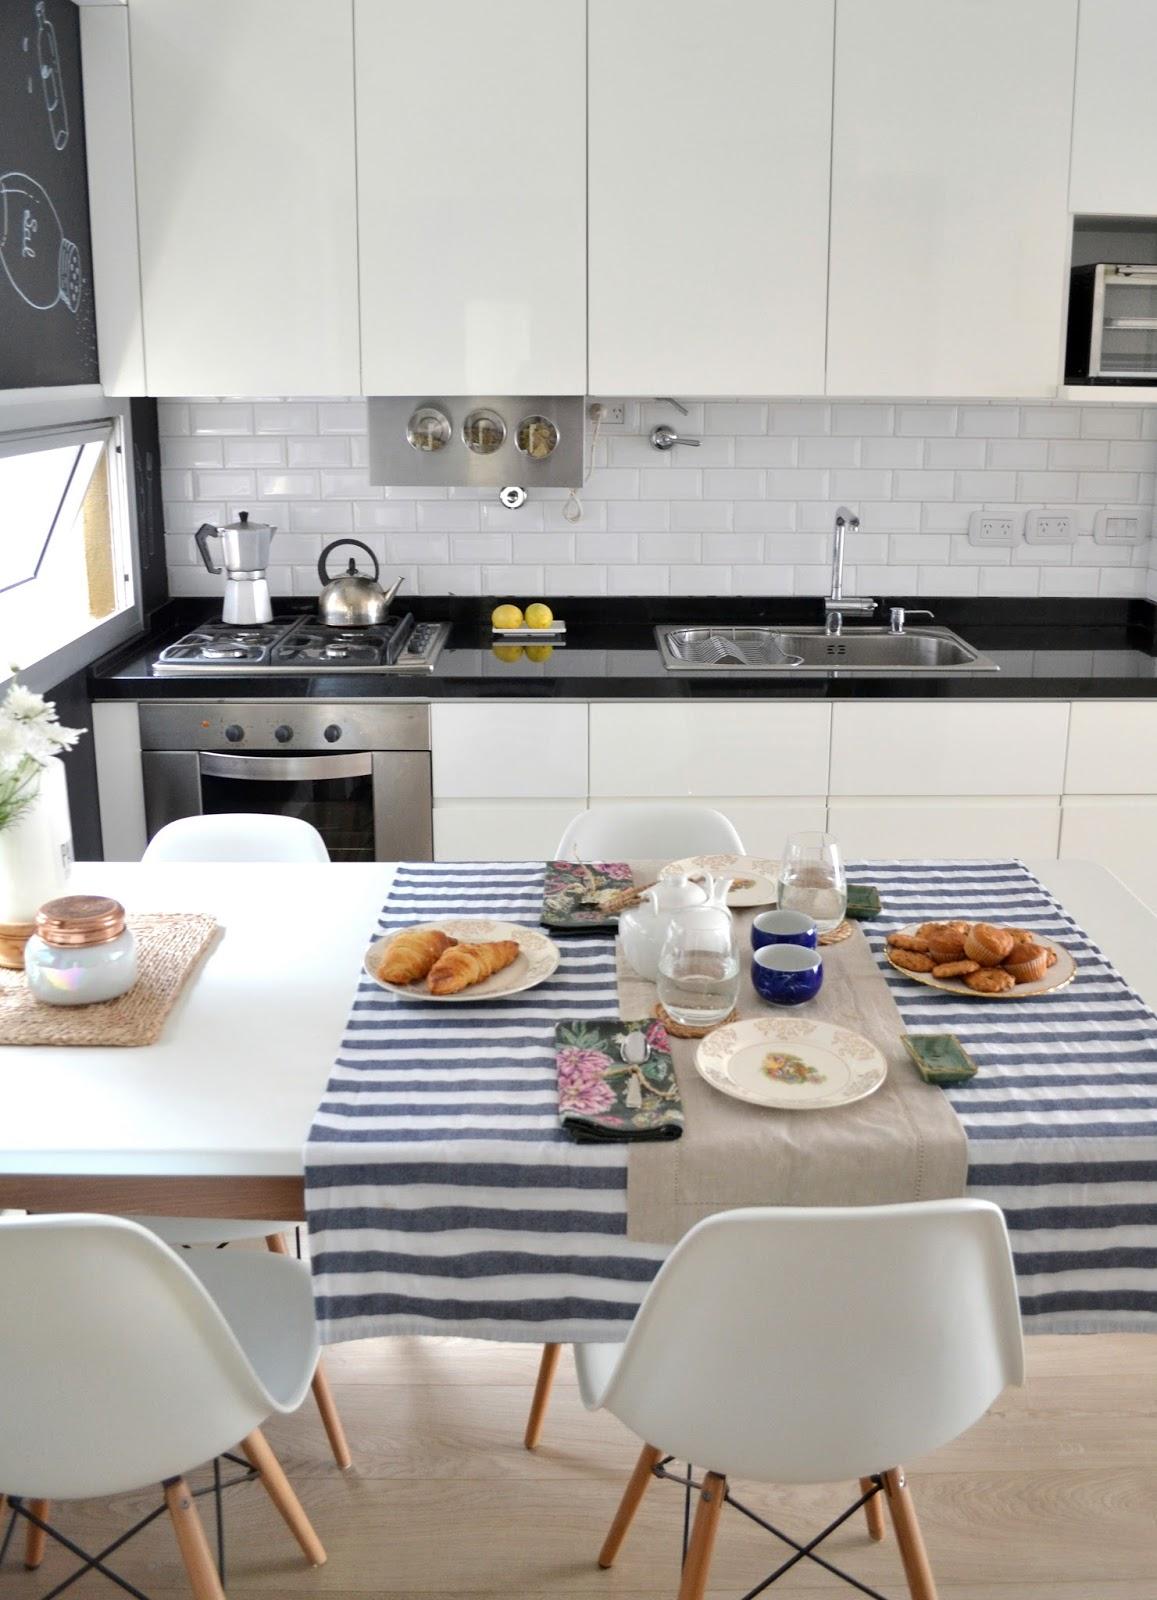 Alma deco buenos aires proyecto salguero cocina comedor for Muebles para cocina comedor